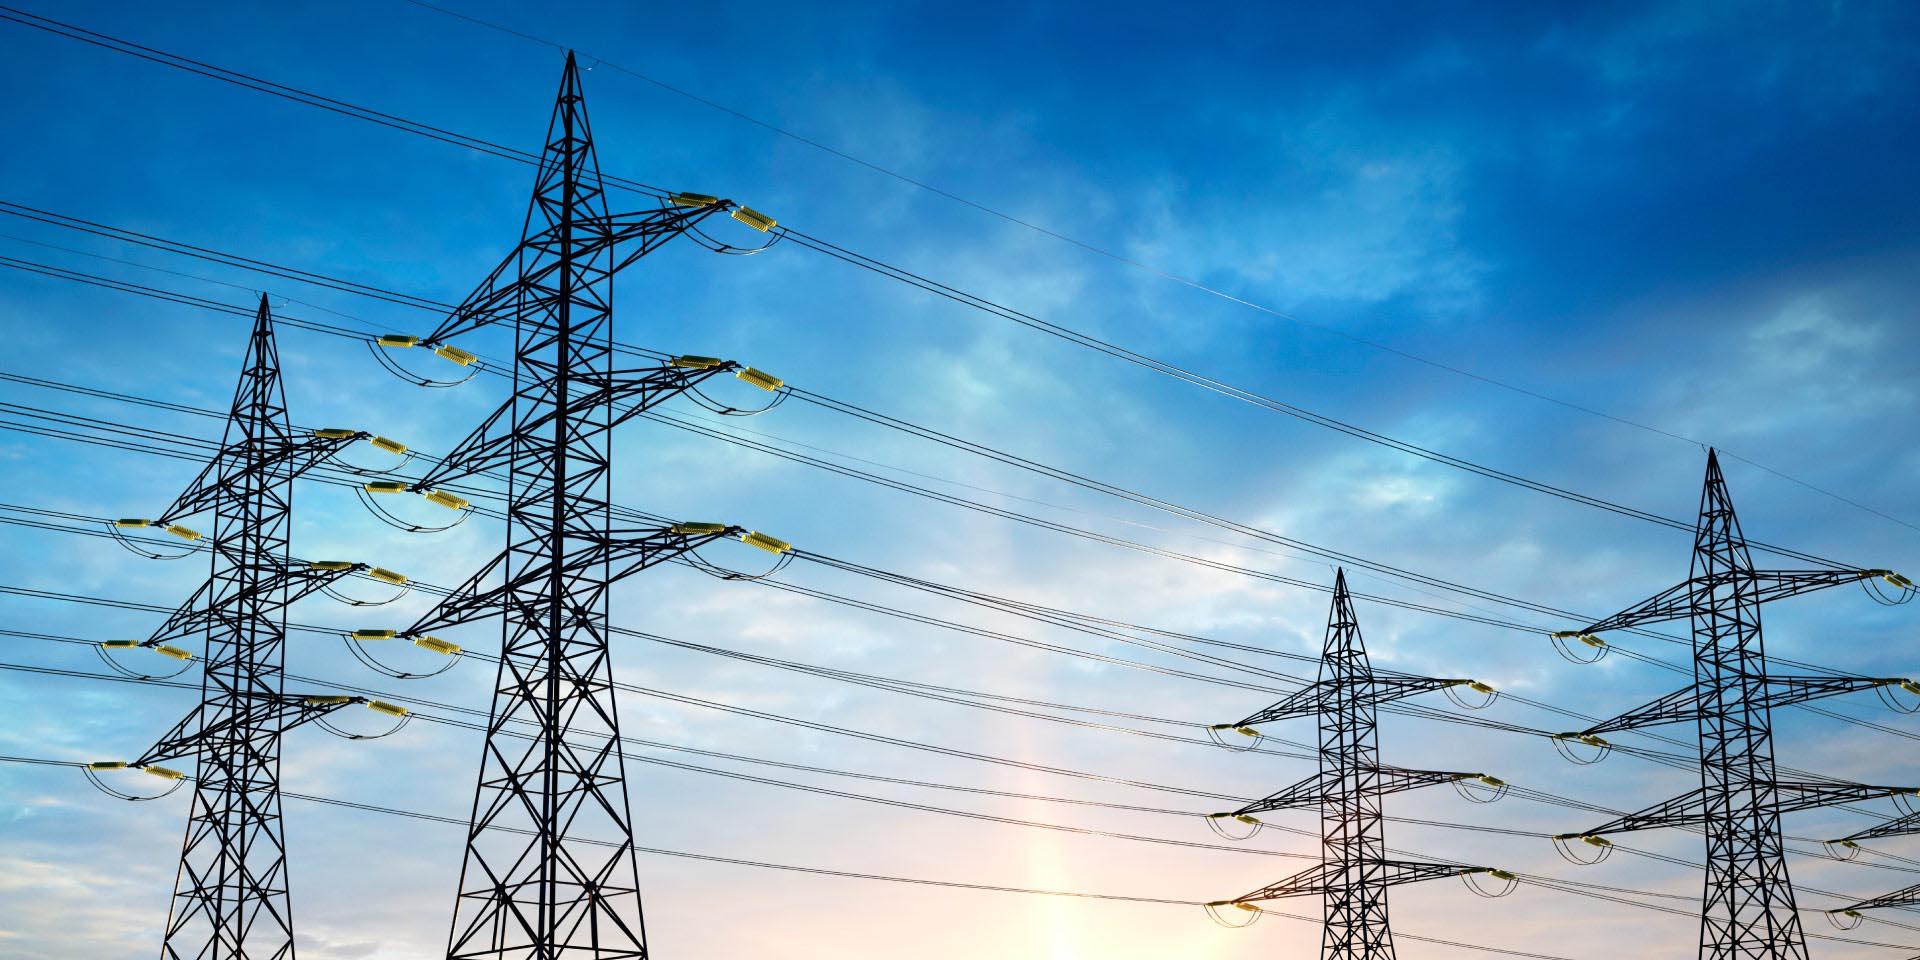 Reforma eléctrica entra en vigor después de que el tribunal canceló suspensiones   El Imparcial de Oaxaca